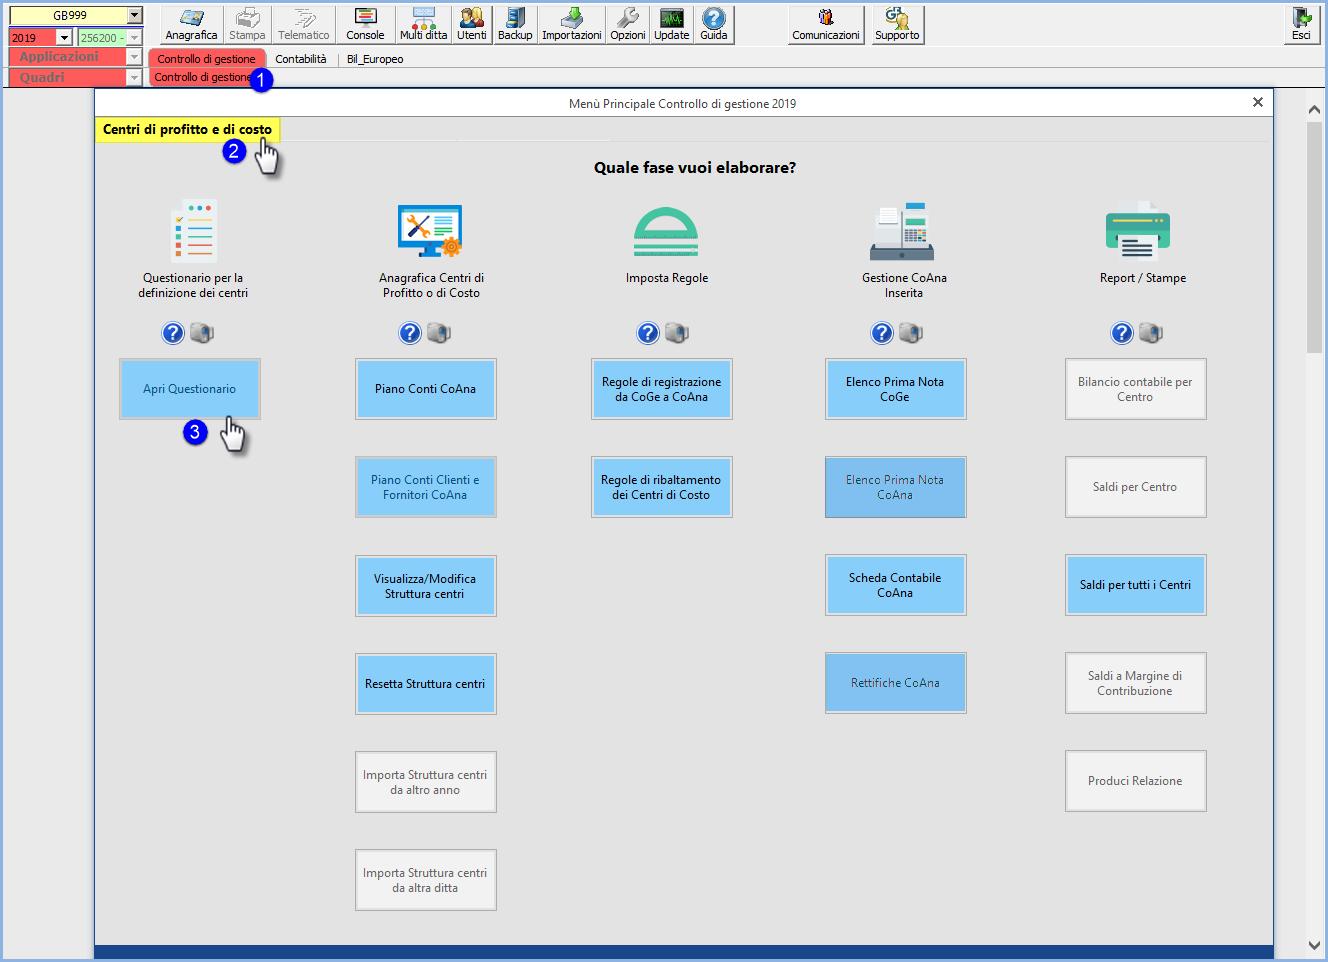 Controllo di gestione: logica dell'applicazione e rilascio del modulo Centri di profitto e di costo - Controllo gestione